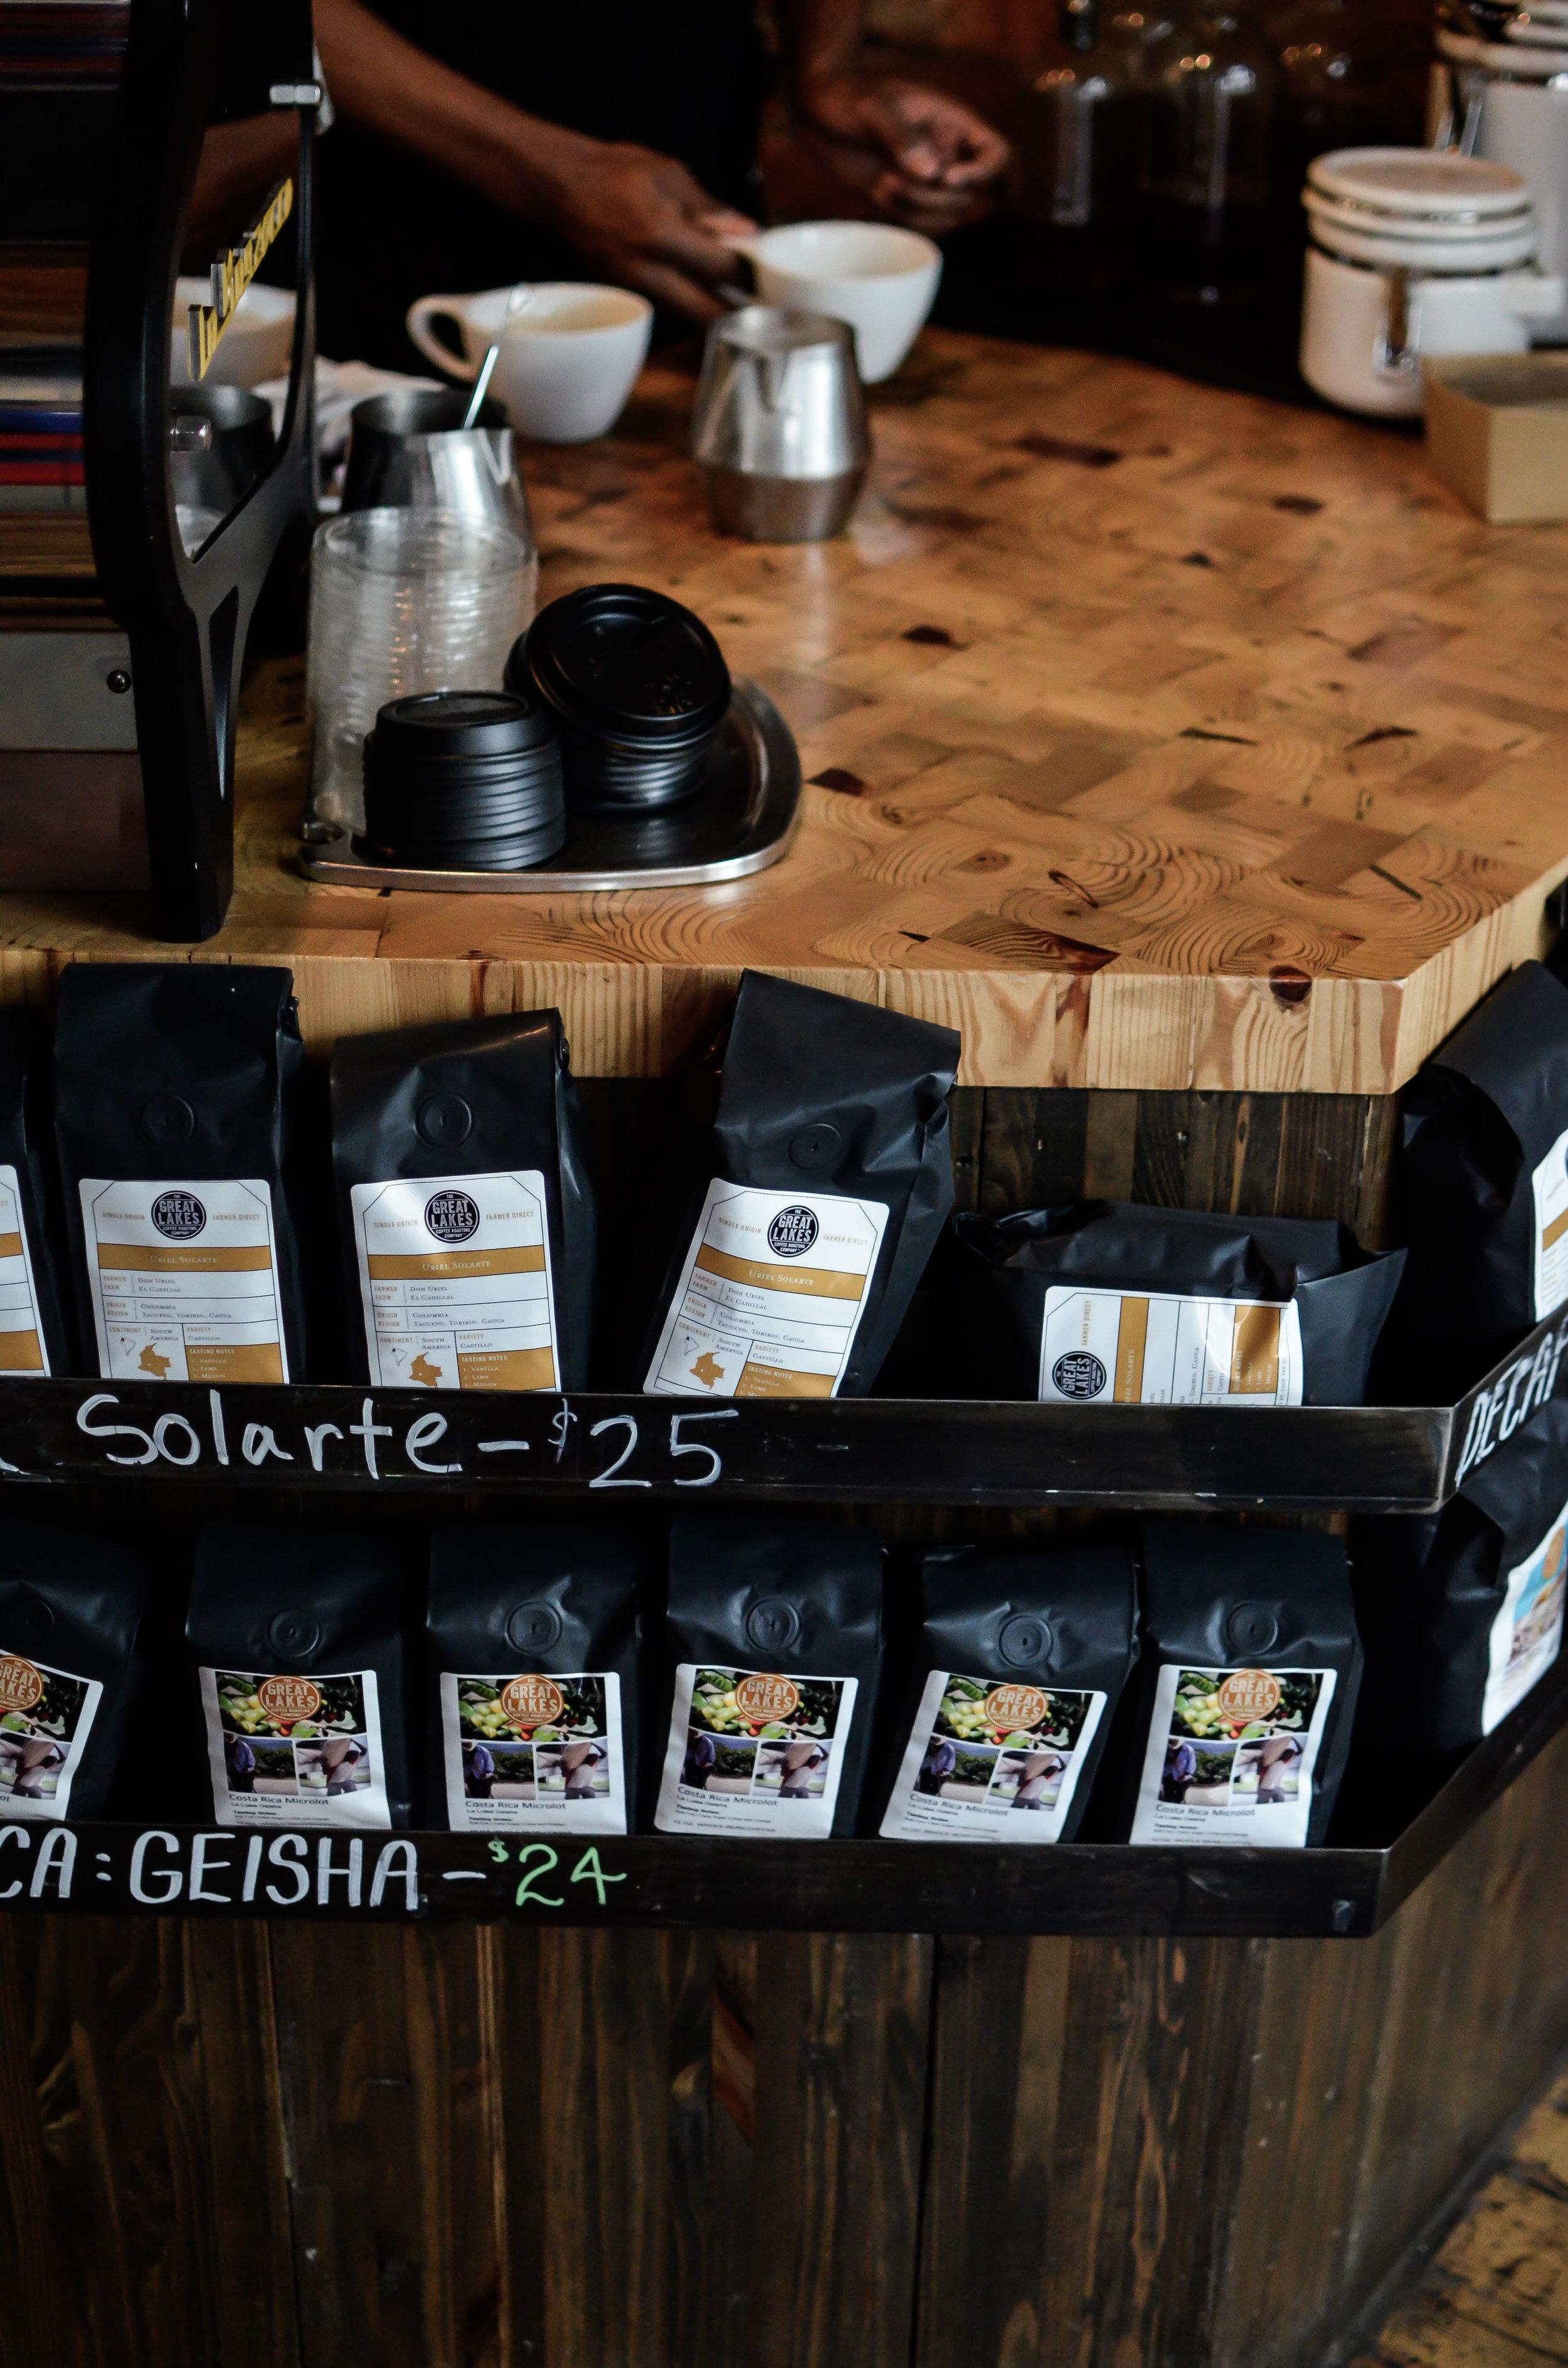 Wendling_Boyd_Coffee_Guide_Great_Lakes_Coffee_Detroit-11.jpg